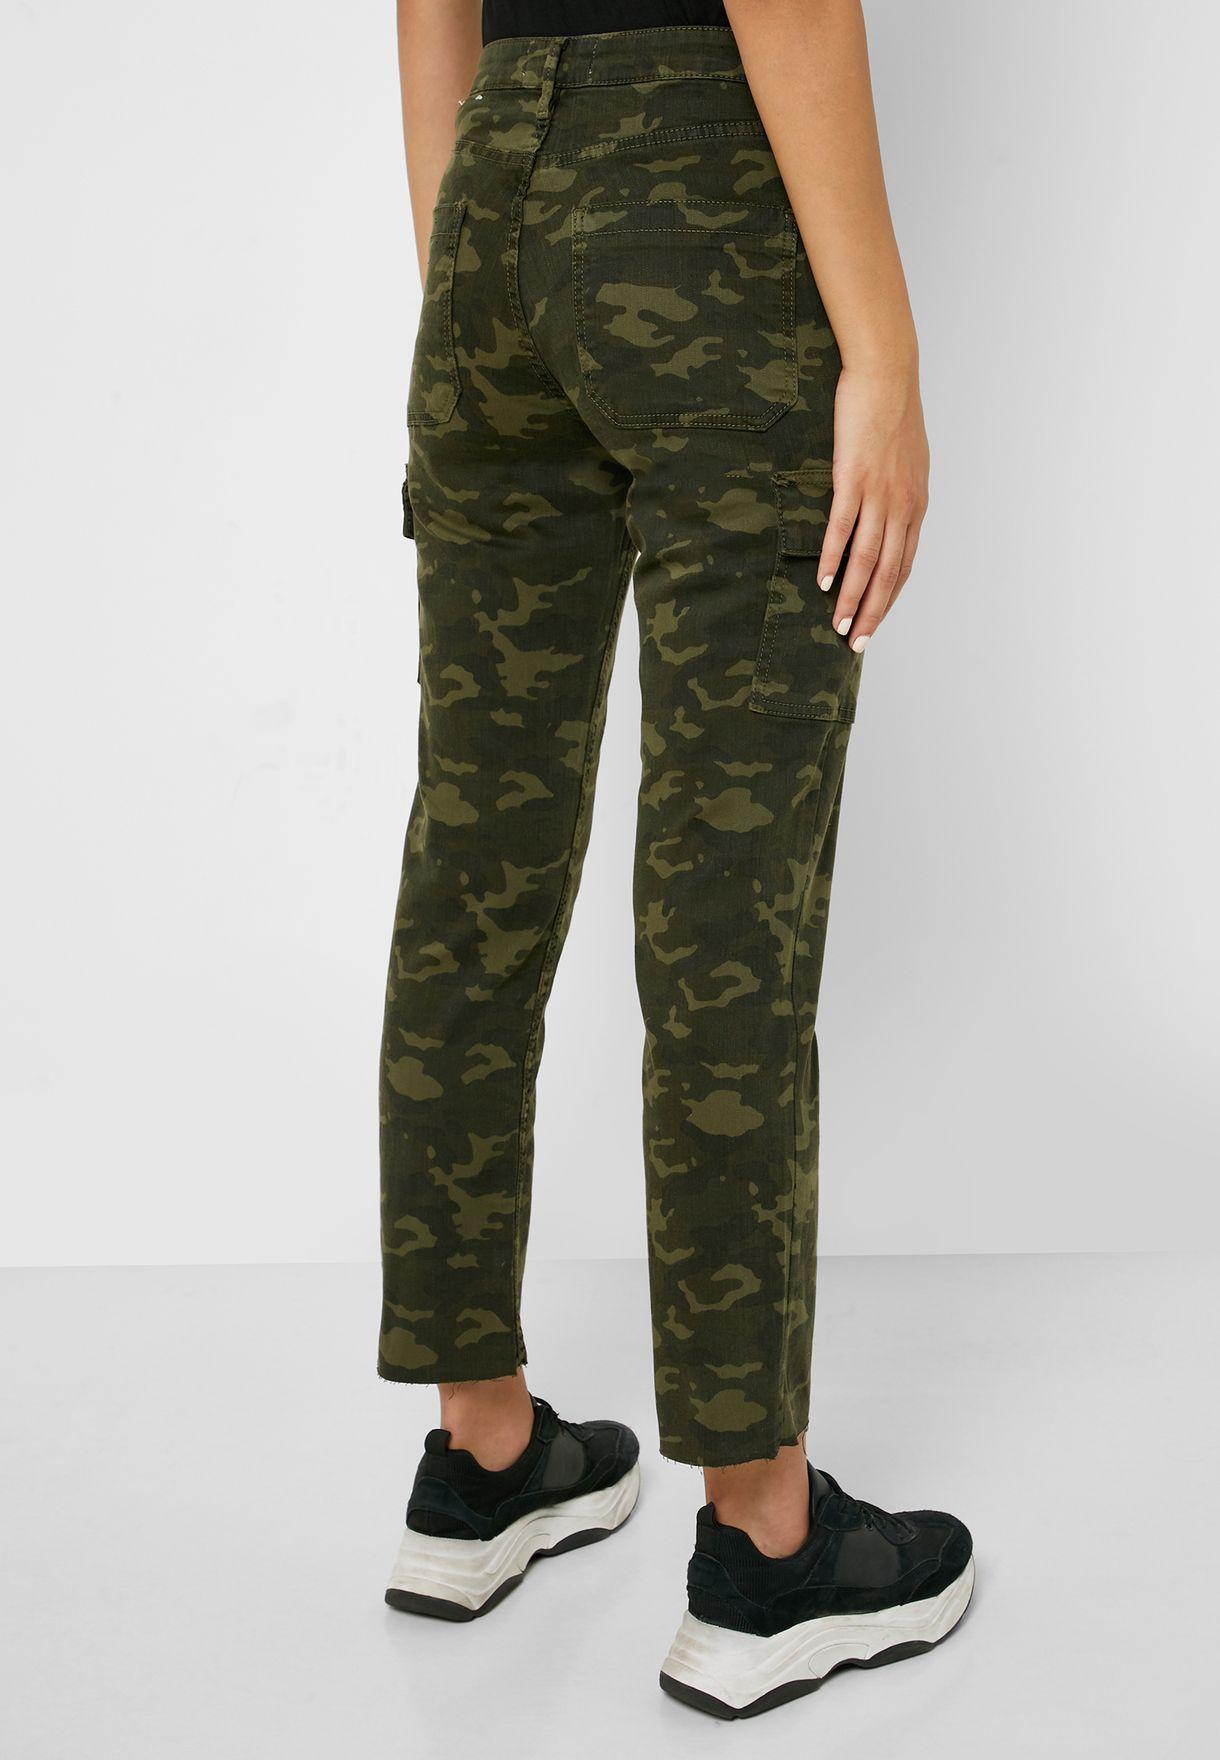 Camo Print Ankle Grazer Cargo Jeans